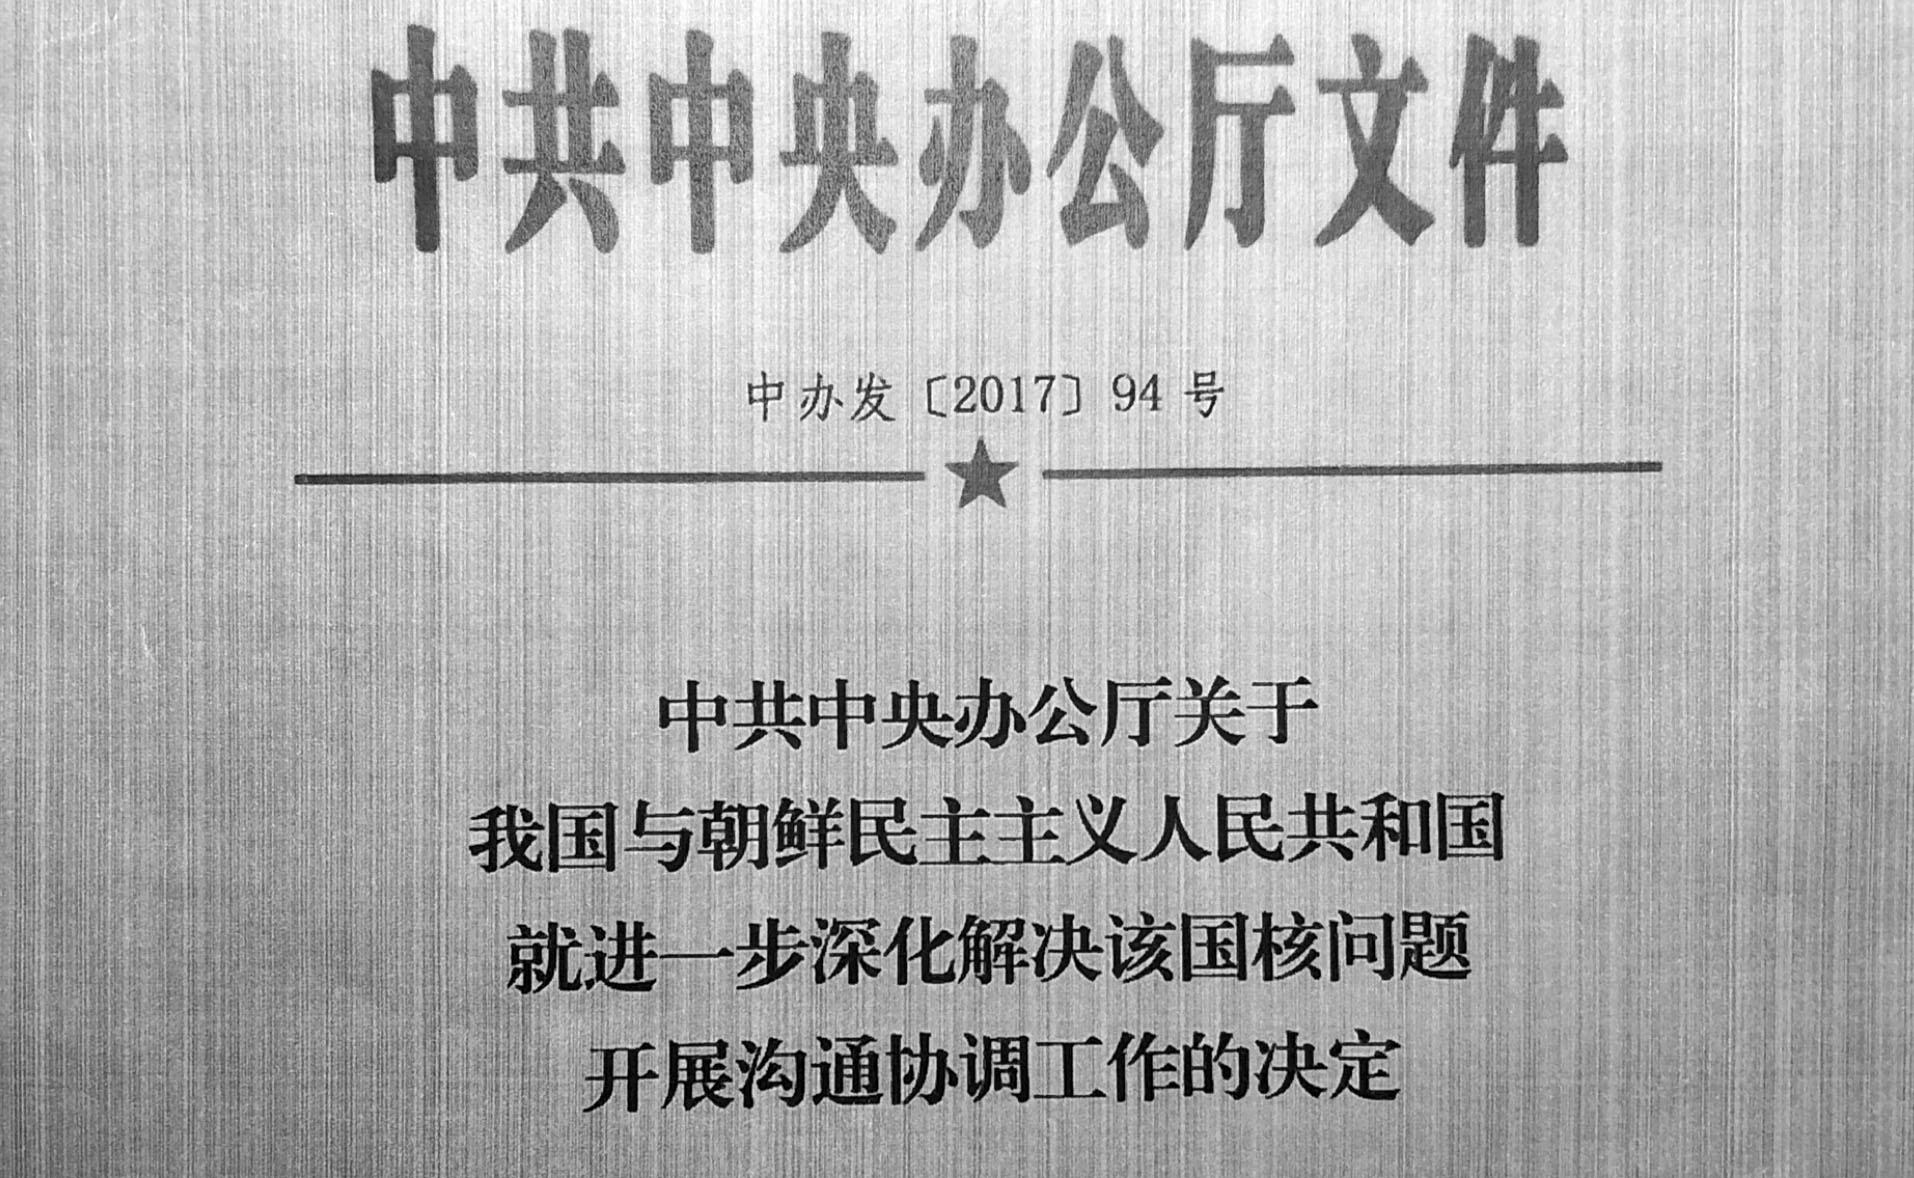 中共中央辦公廳2017年9月15日簽署紅頭文件,披露北韓的戰略重要性及要死保北韓。(文件擷圖)